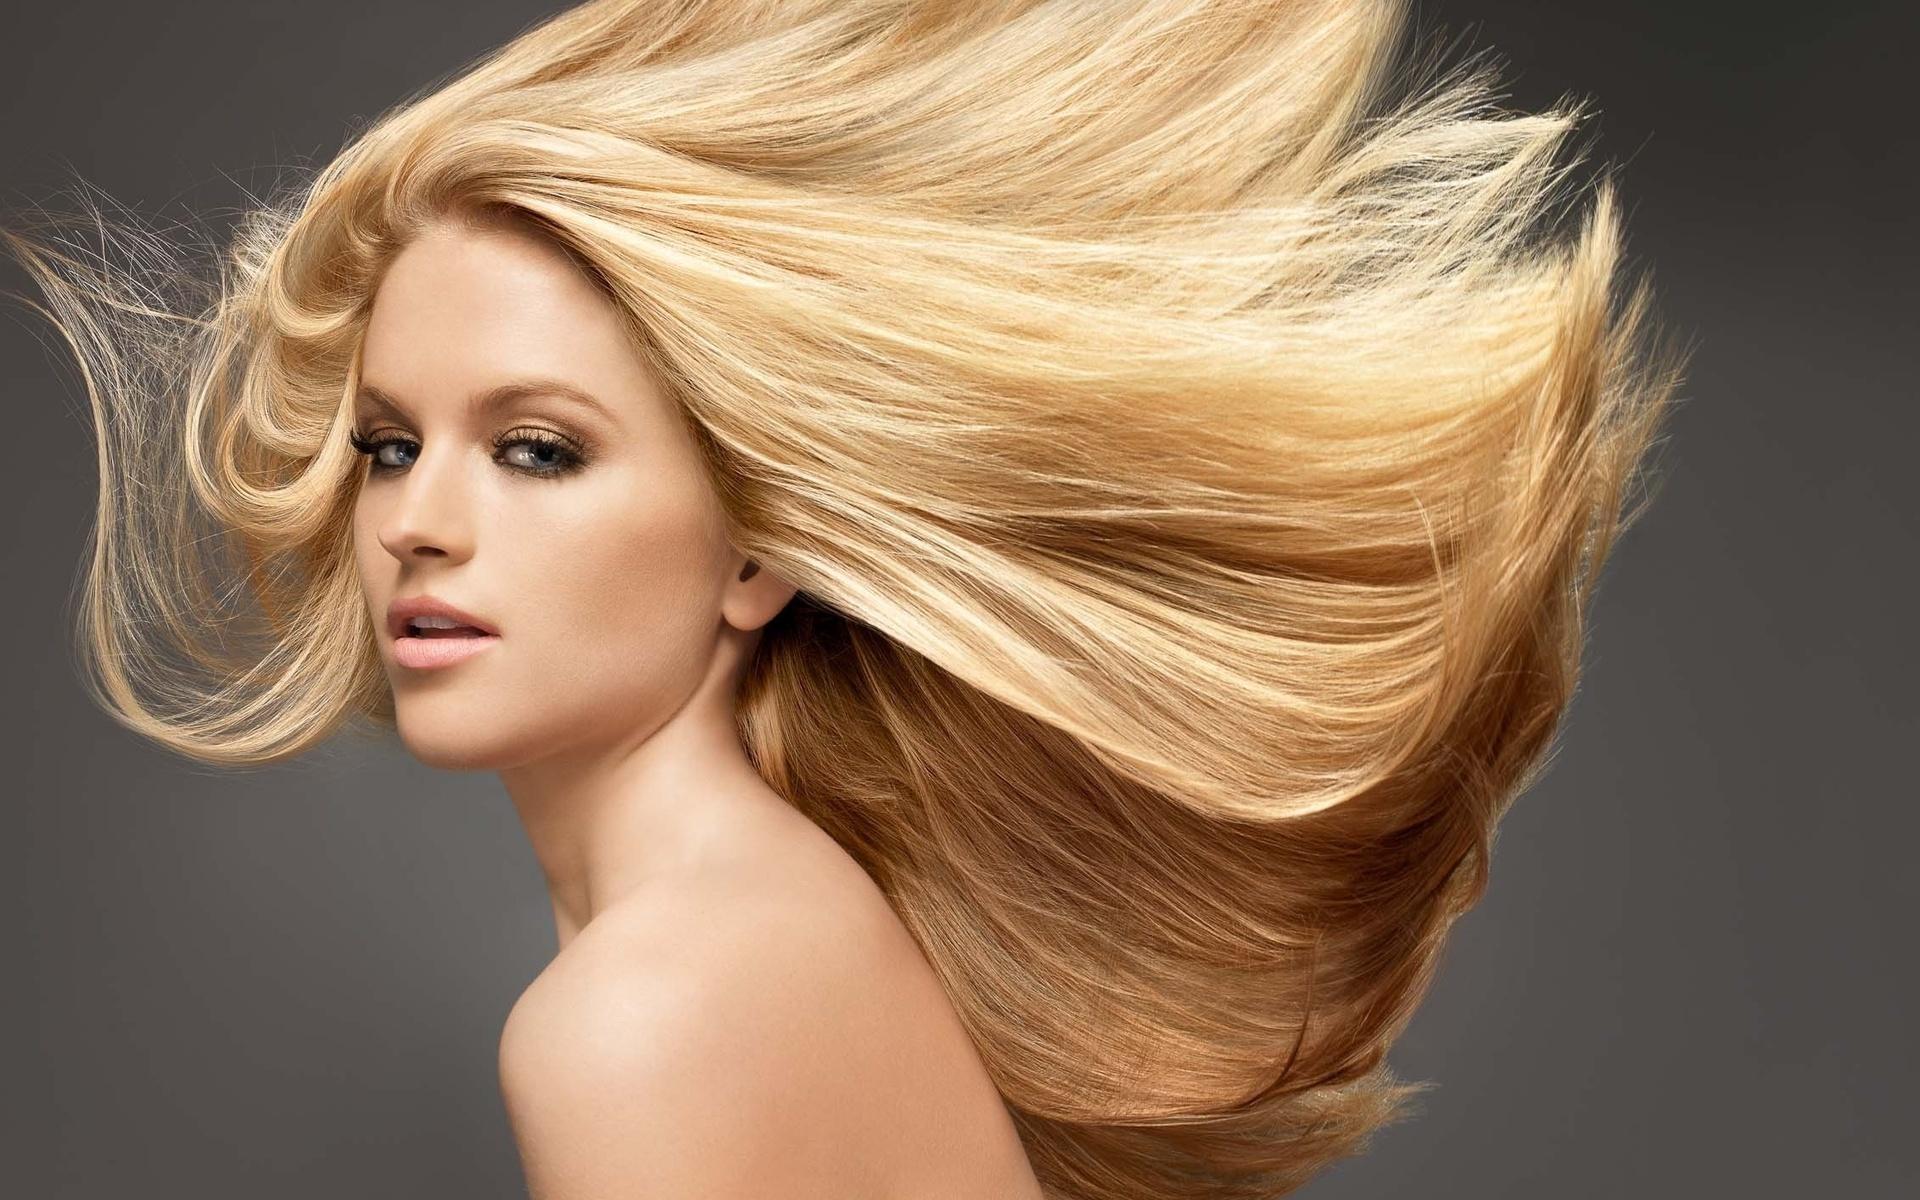 Вся правда об окрашивании волос. Правила ухода за окрашенными волосами